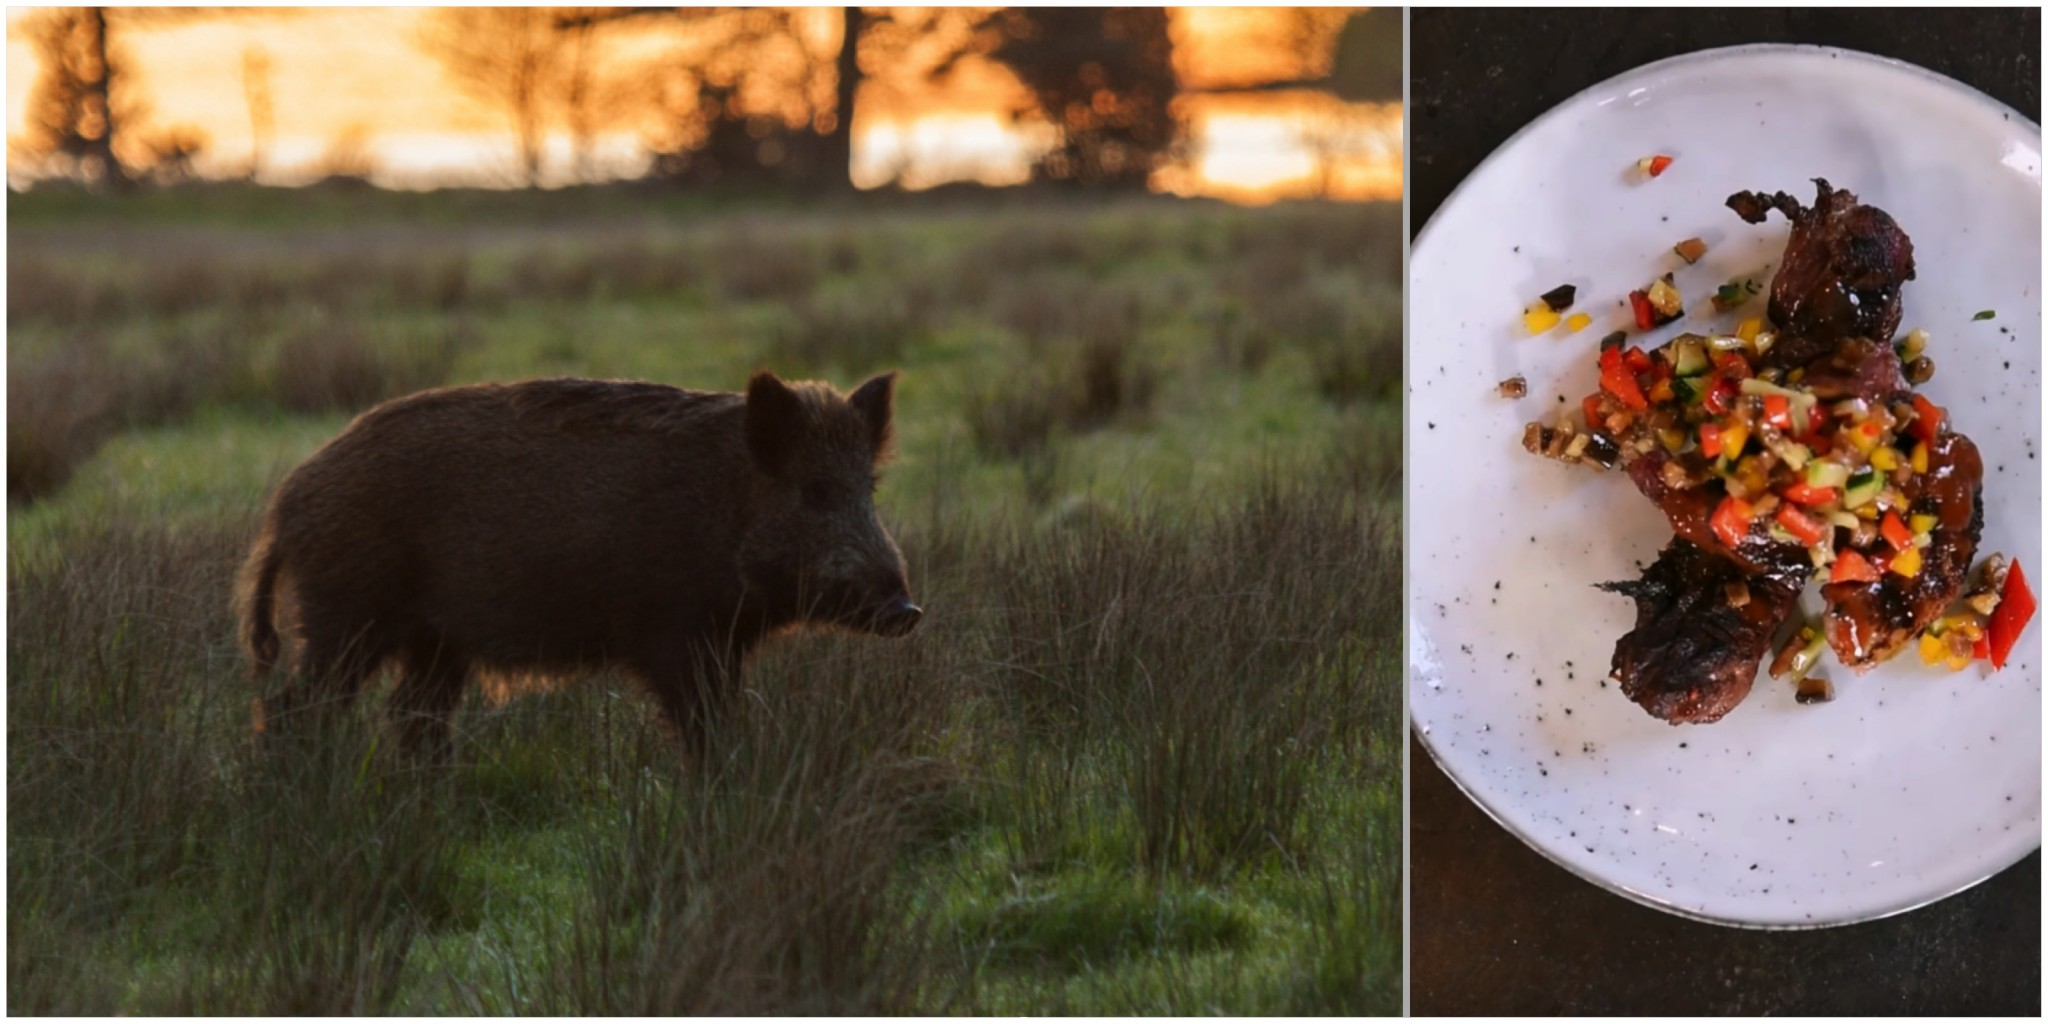 Jägareförbundets har sevärda kortfilmer om tillvaratagande av vildsvin. Foto: Mostphotos